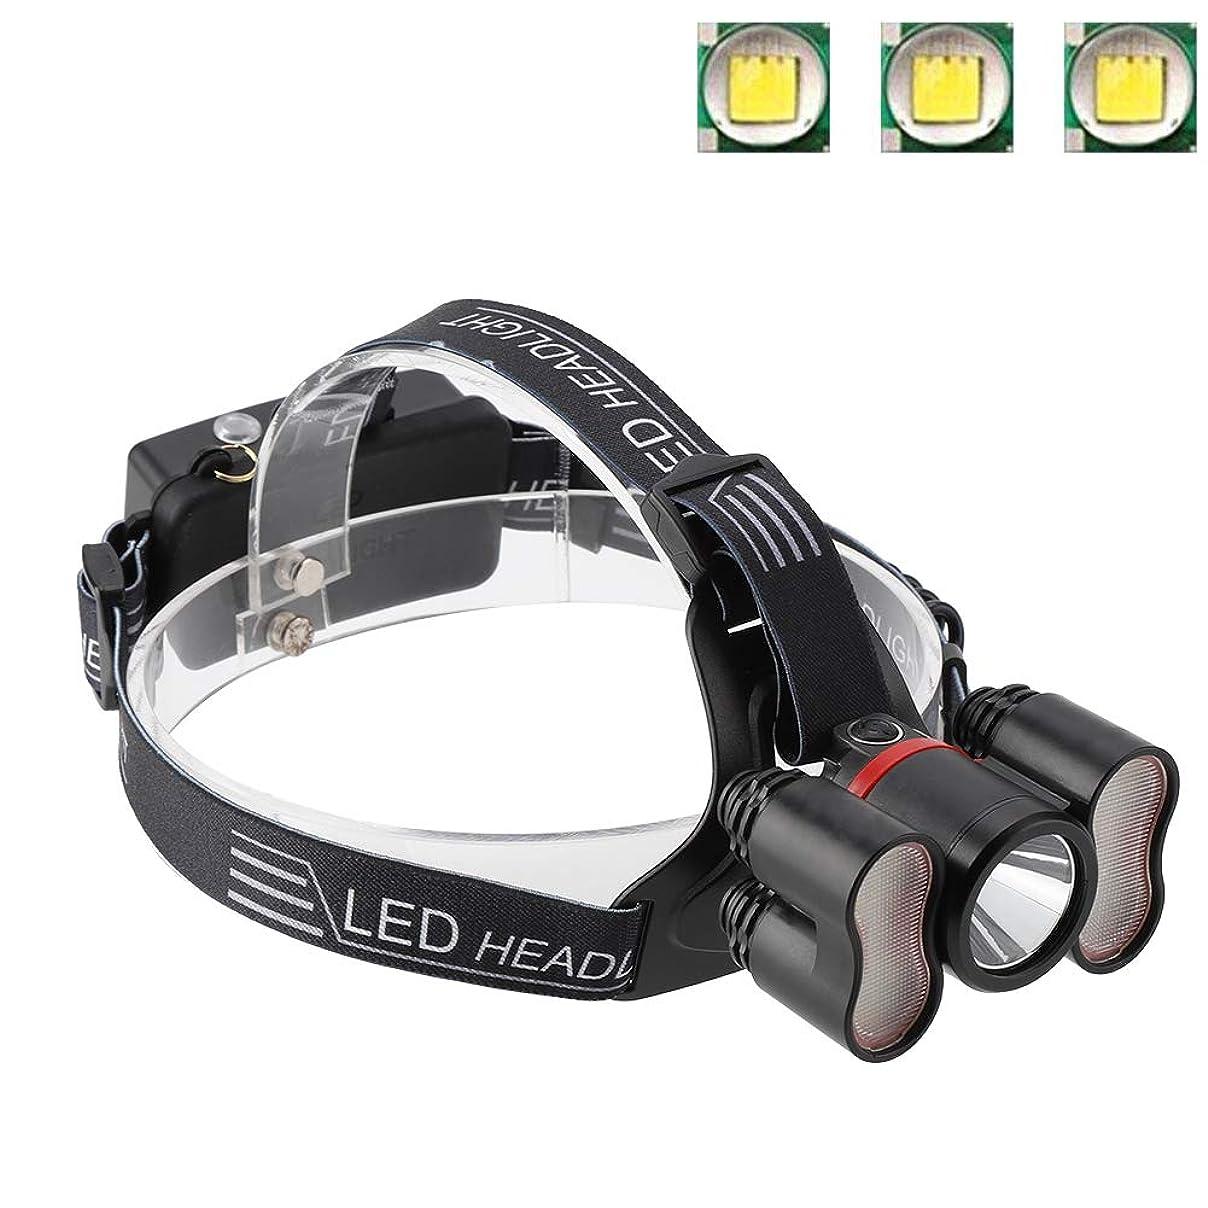 同志受けるマーケティングヘッドライト懐中電灯、2000LMヘッドライト18650 LED USB充電式防水トラベルヘッドトーチキャンプランプランニングハイキング釣りに適して(#1)